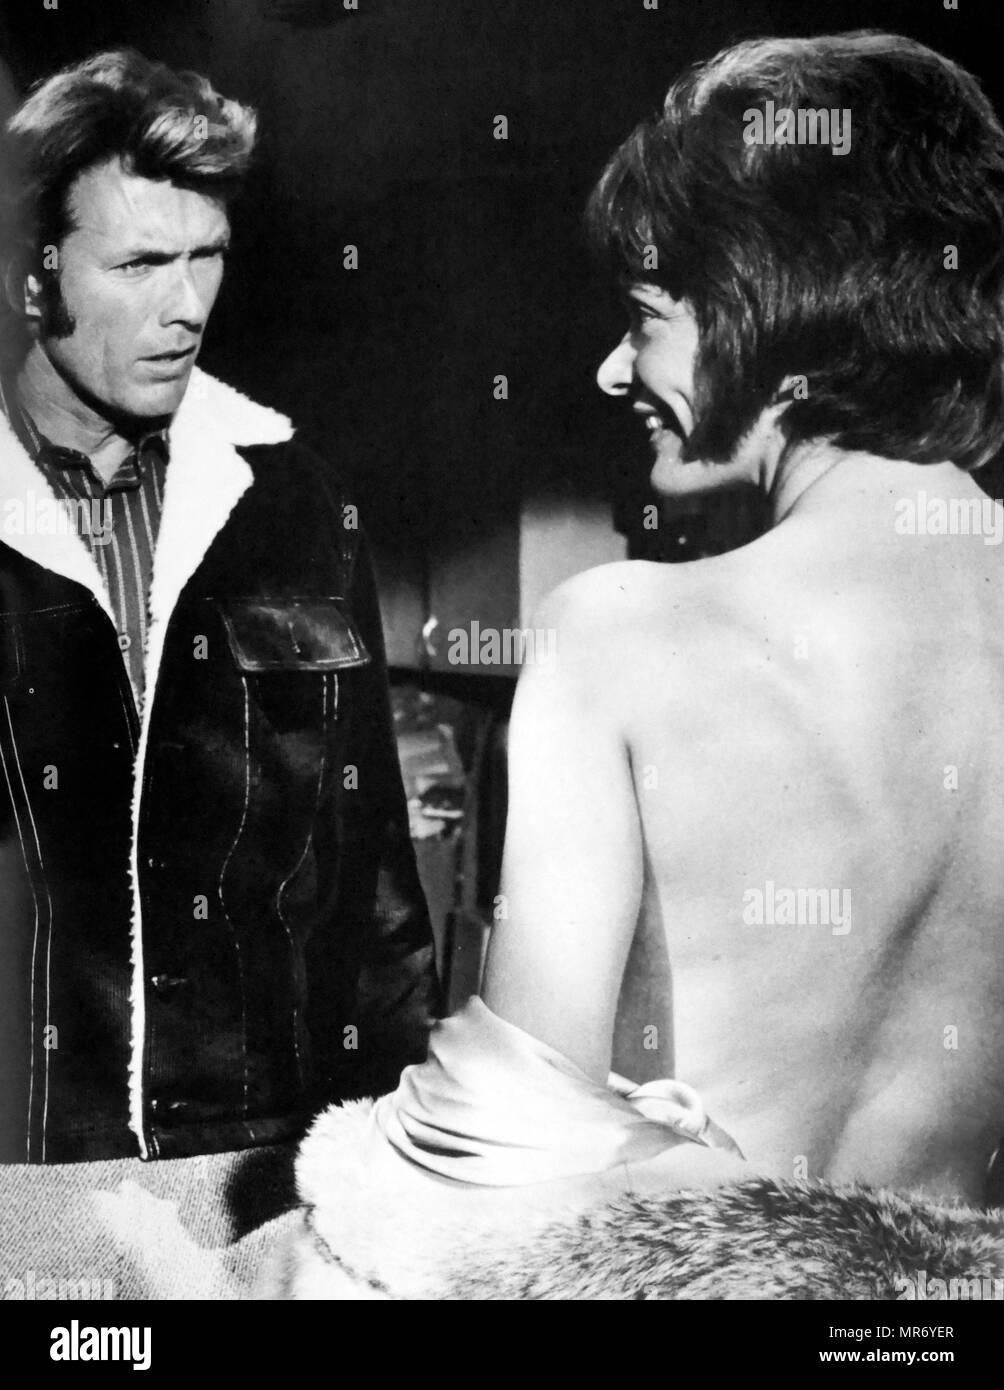 Jugar Misty para mí; película de suspense psicológico estadounidense de 1971, dirigida y protagonizada por Clint Eastwood, en su debut como director y Jessica Walter. En la película, Eastwood desempeña el papel de un disc jockey de radio siendo acosadas por una mujer obsesionada fan. Imagen De Stock